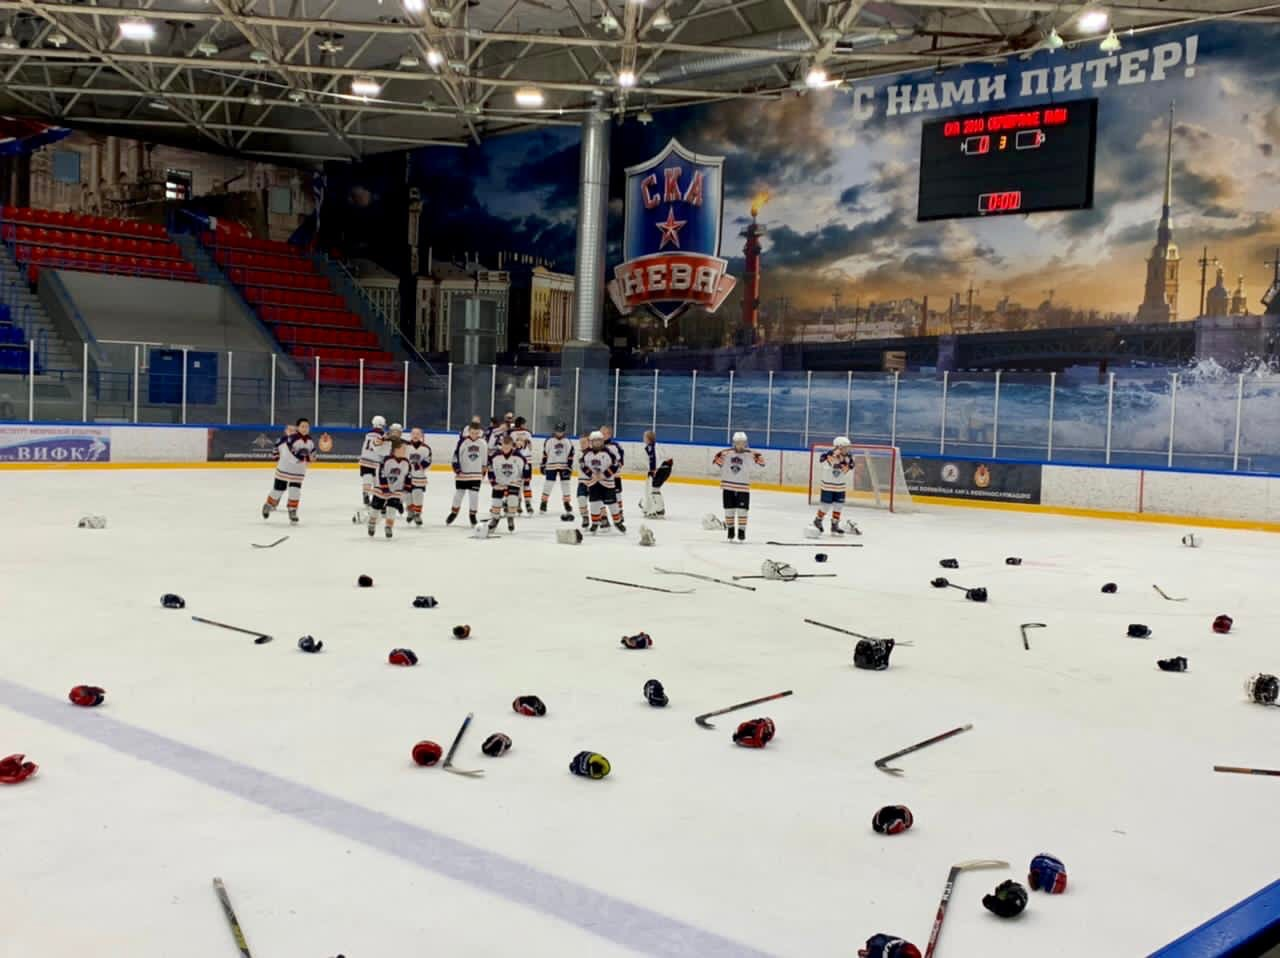 СКА-Серебряные Львы 2010 закончили сезон на мажорной ноте!